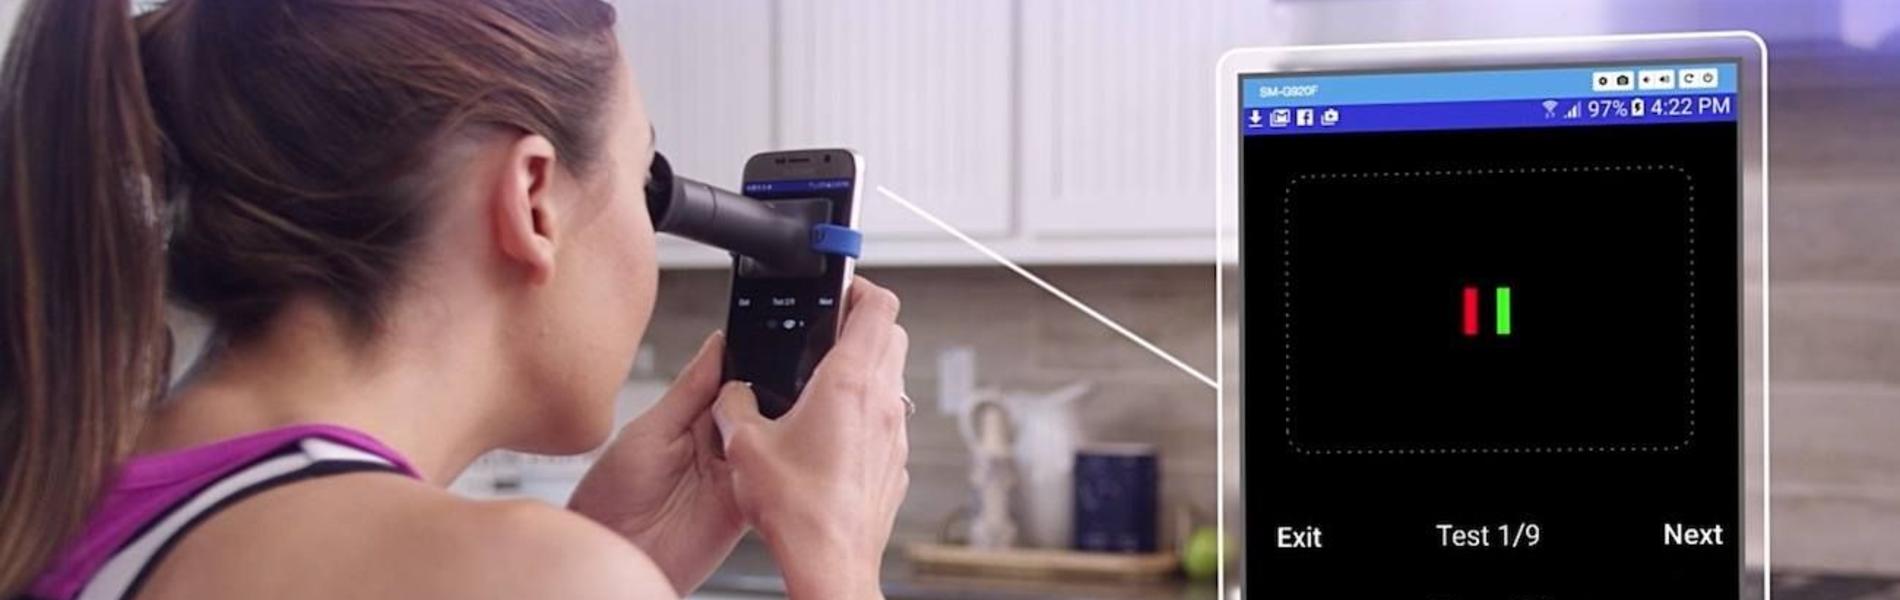 גם זה און ליין: הטכנולוגיות שמאפשרות להתאים ולרכוש משקפי ראייה באינטרנט